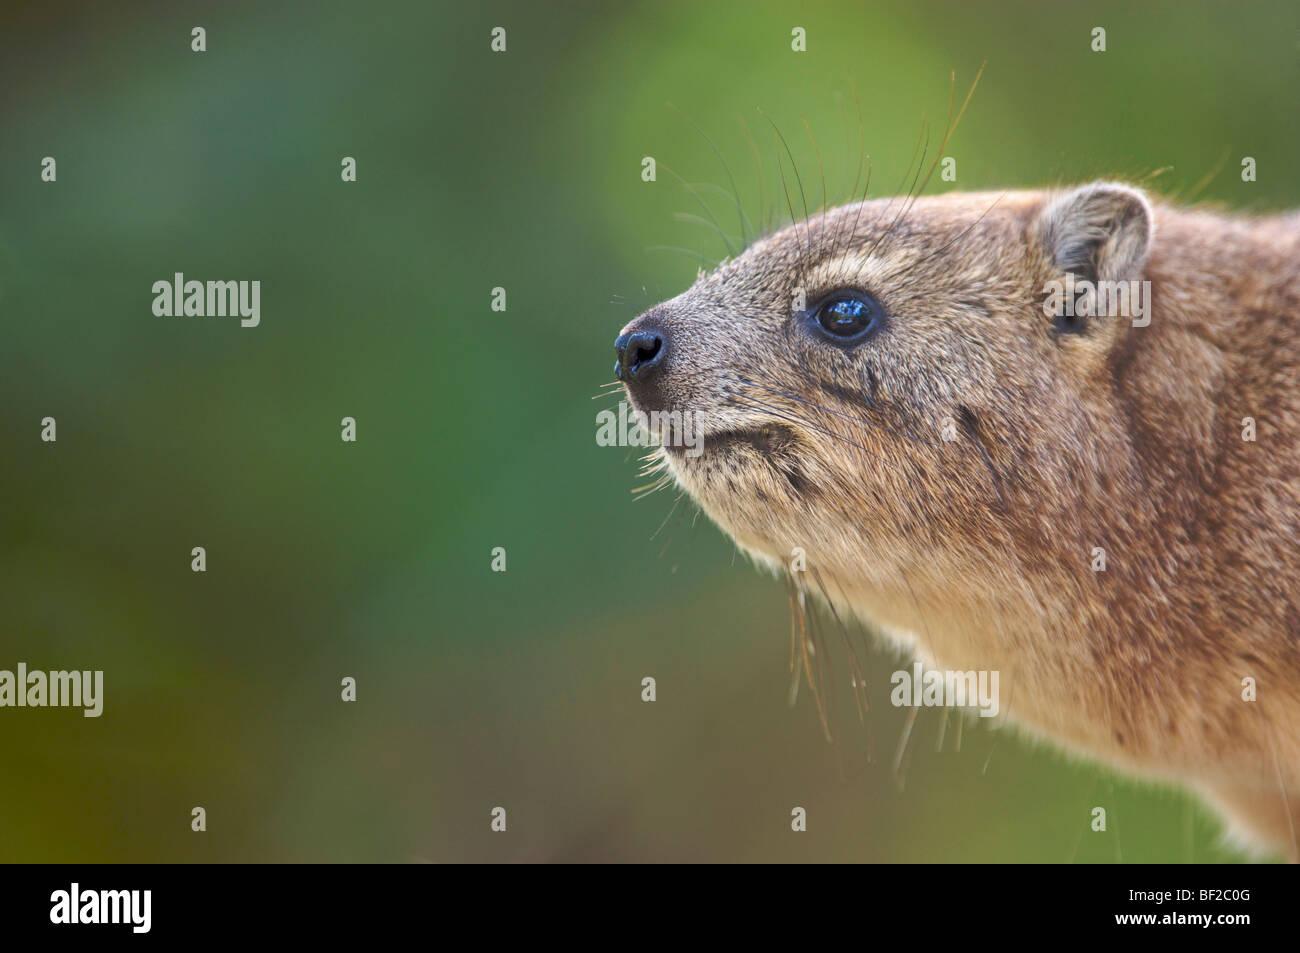 Profil von Schuss Klippschliefer (Procavia Capensis), Ithala Game Reserve, nördliche Provinz KwaZulu-Natal, Stockbild